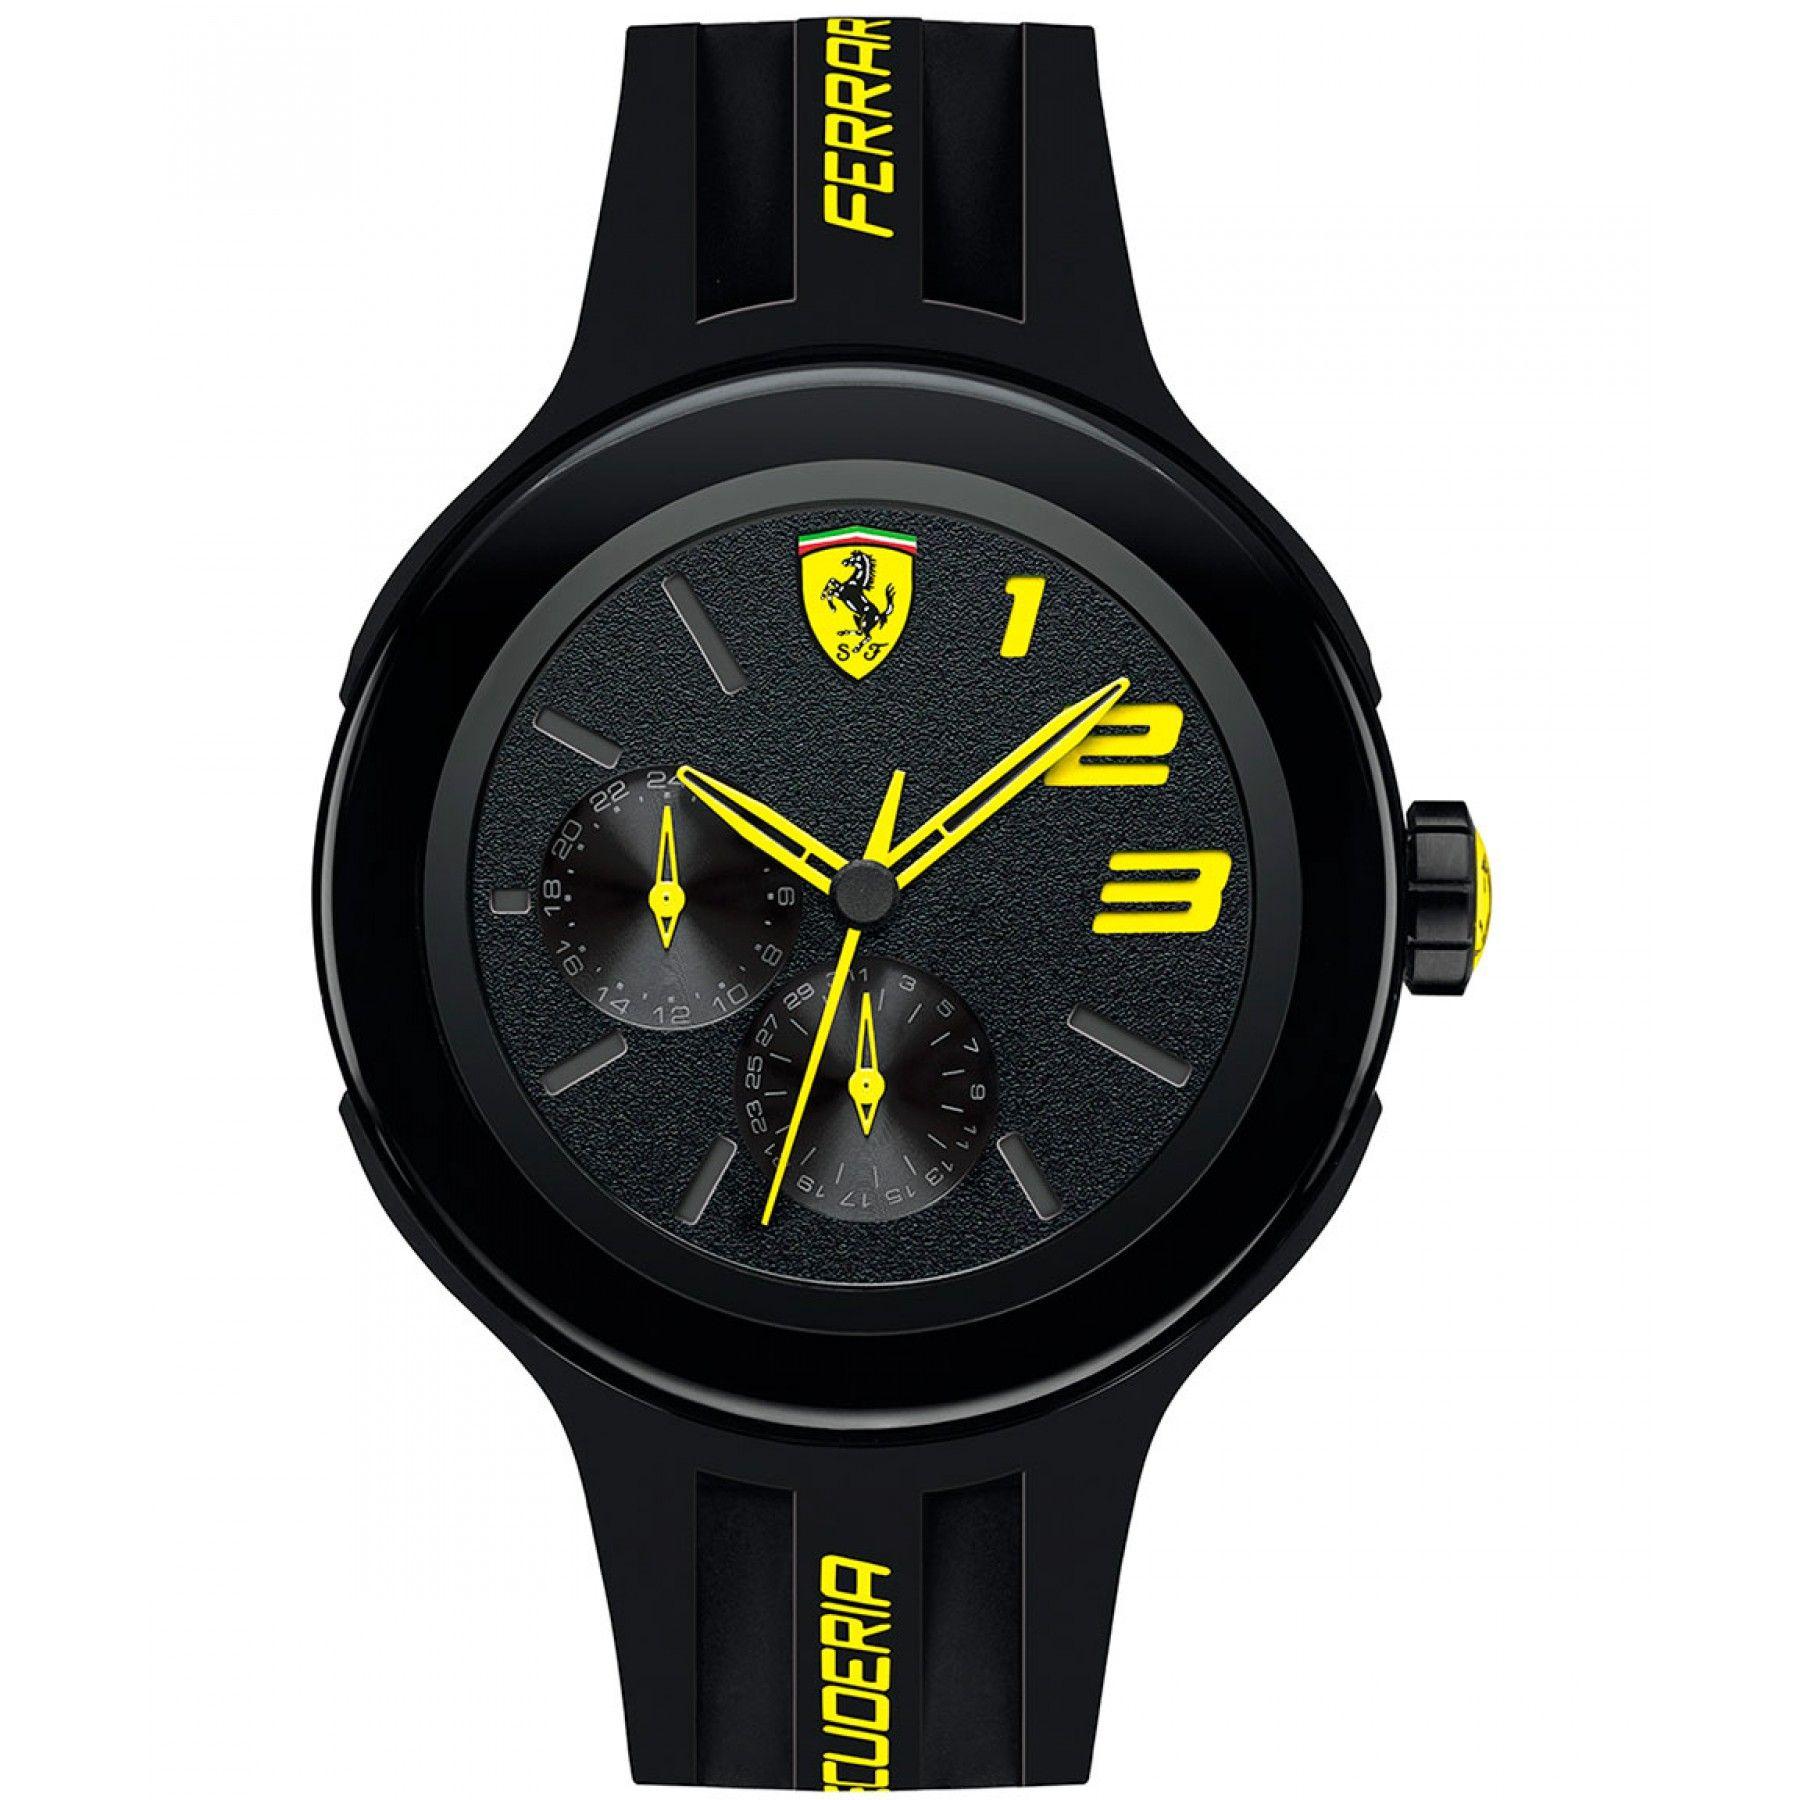 9d19941d5c2a Reloj Ferrari de caja y bisel en acero inoxidable oscuro con extensible de  correa en silicón y nombre de la marca color amarillo  carátula negra con  mini ...